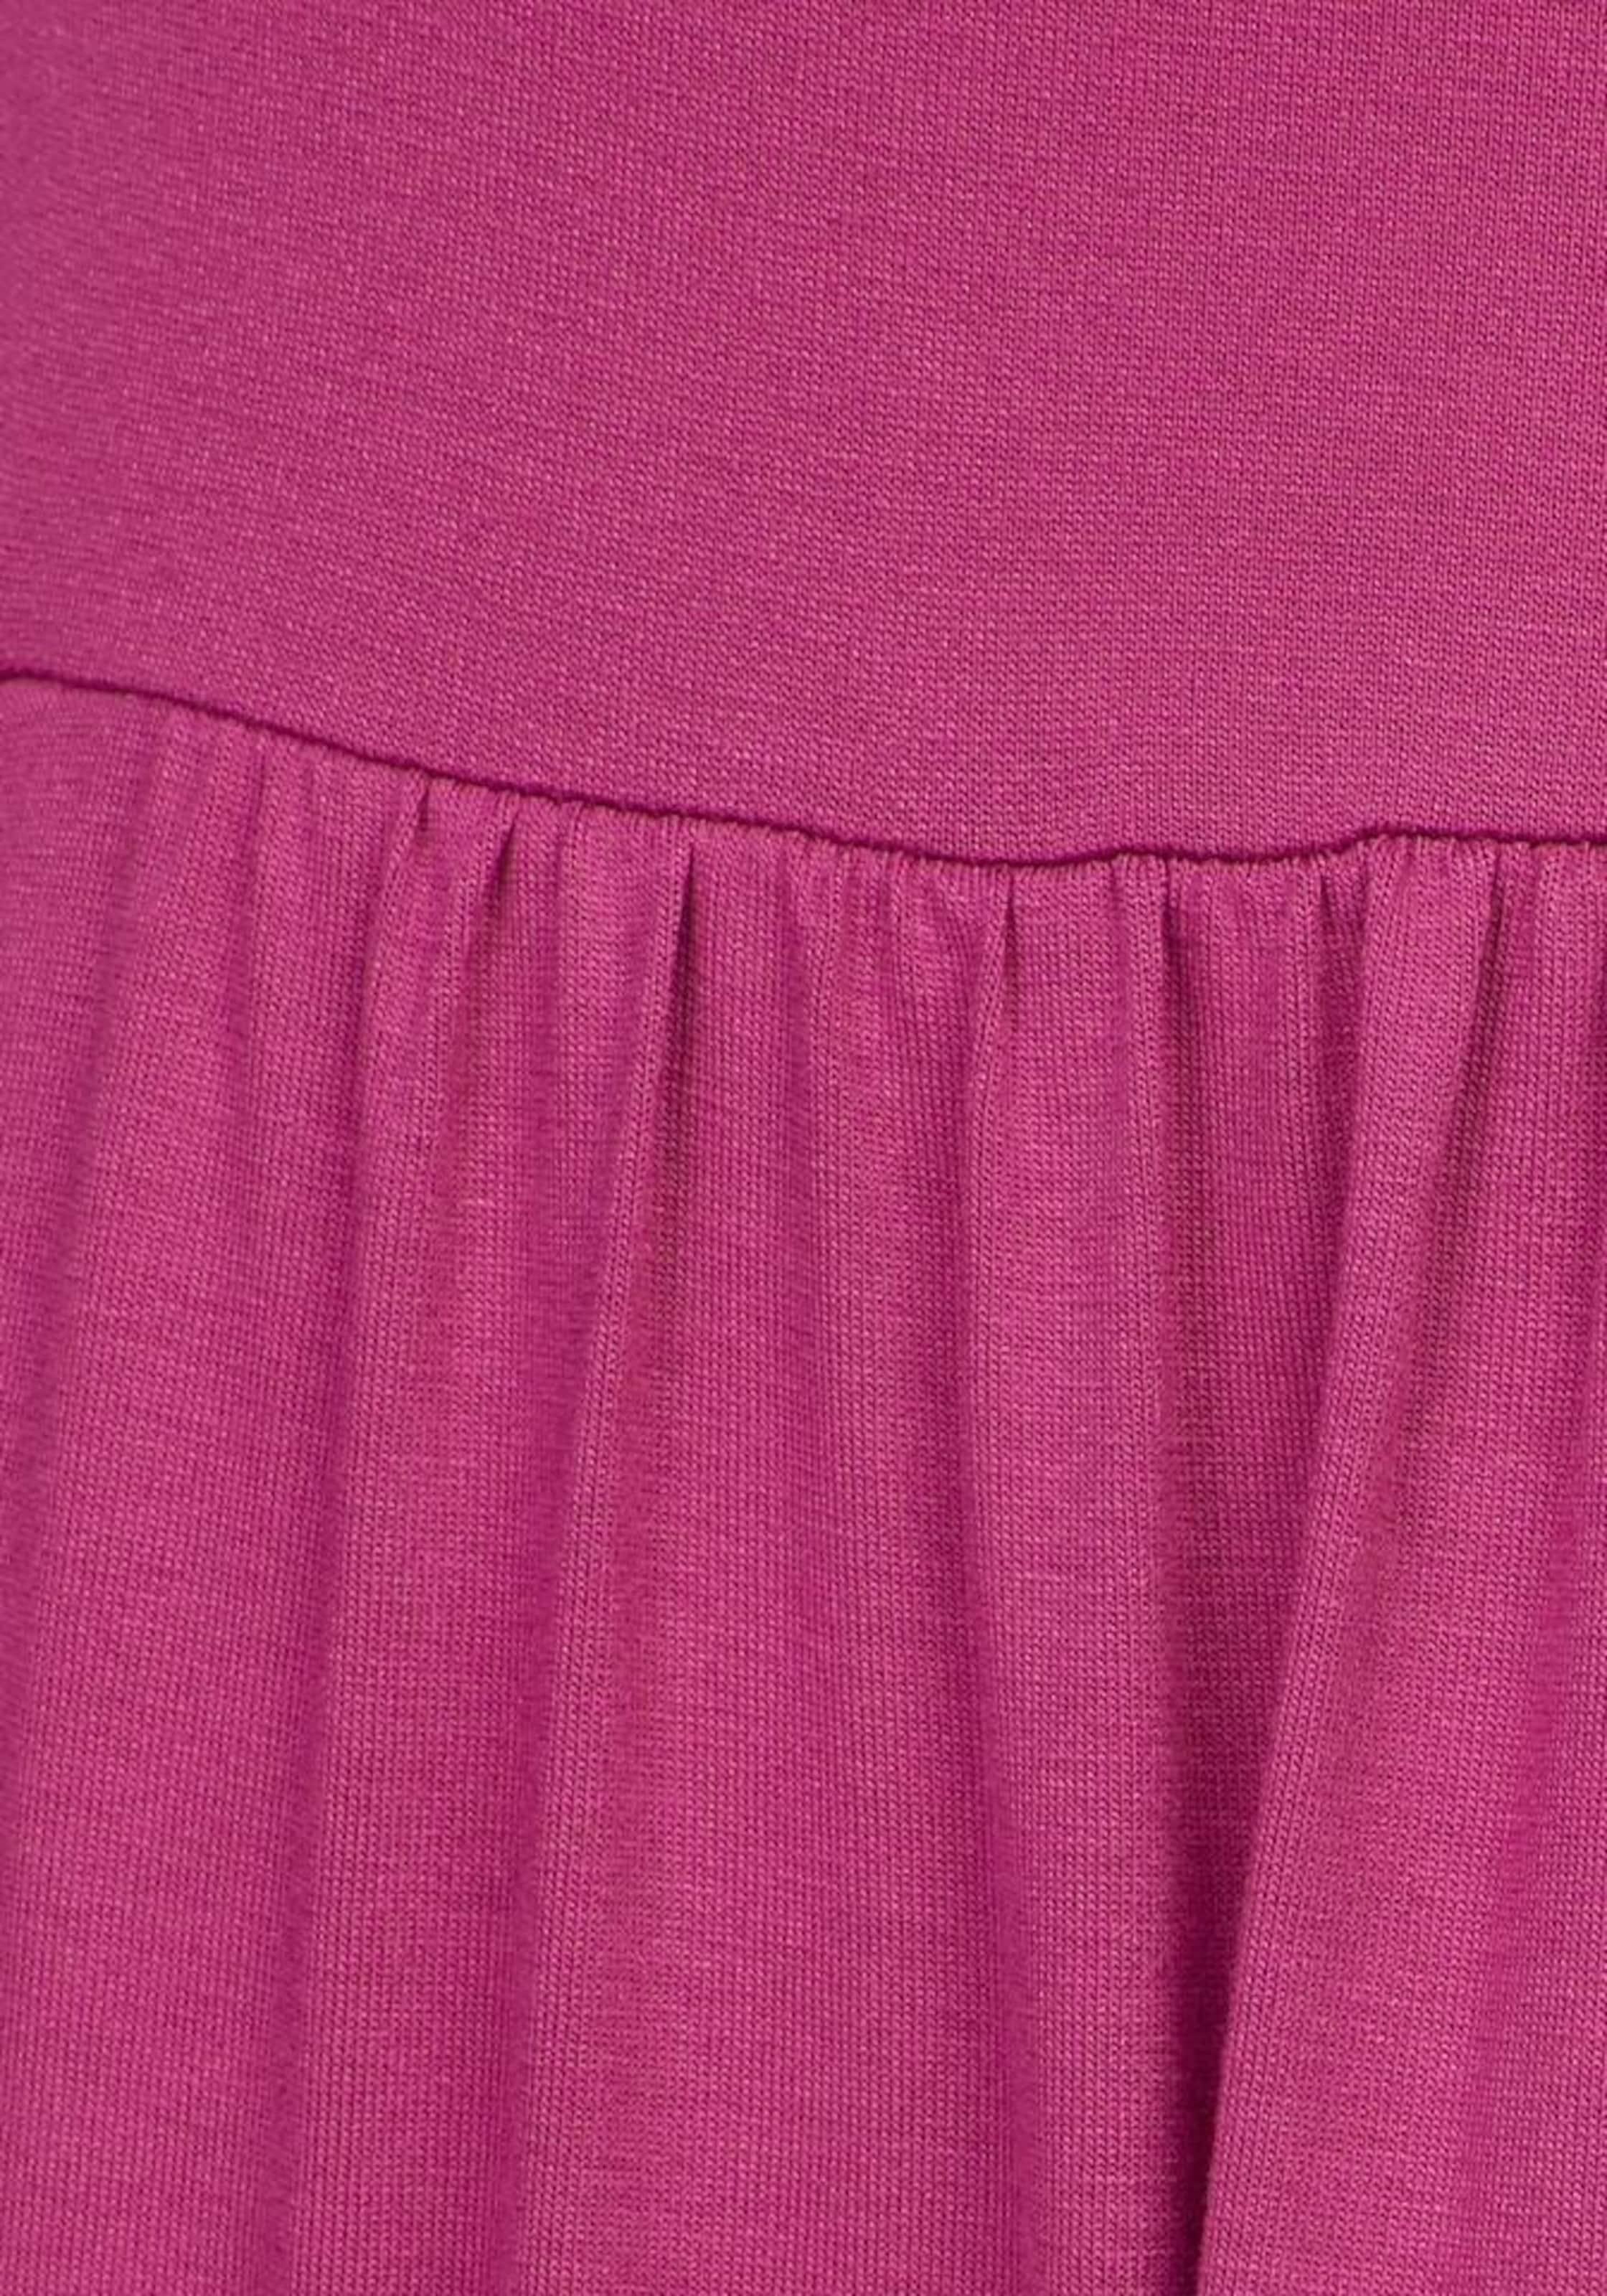 LAURA SCOTT Kleid in Rosa  Neuer Neuer Neuer Aktionsrabatt 5cf20d